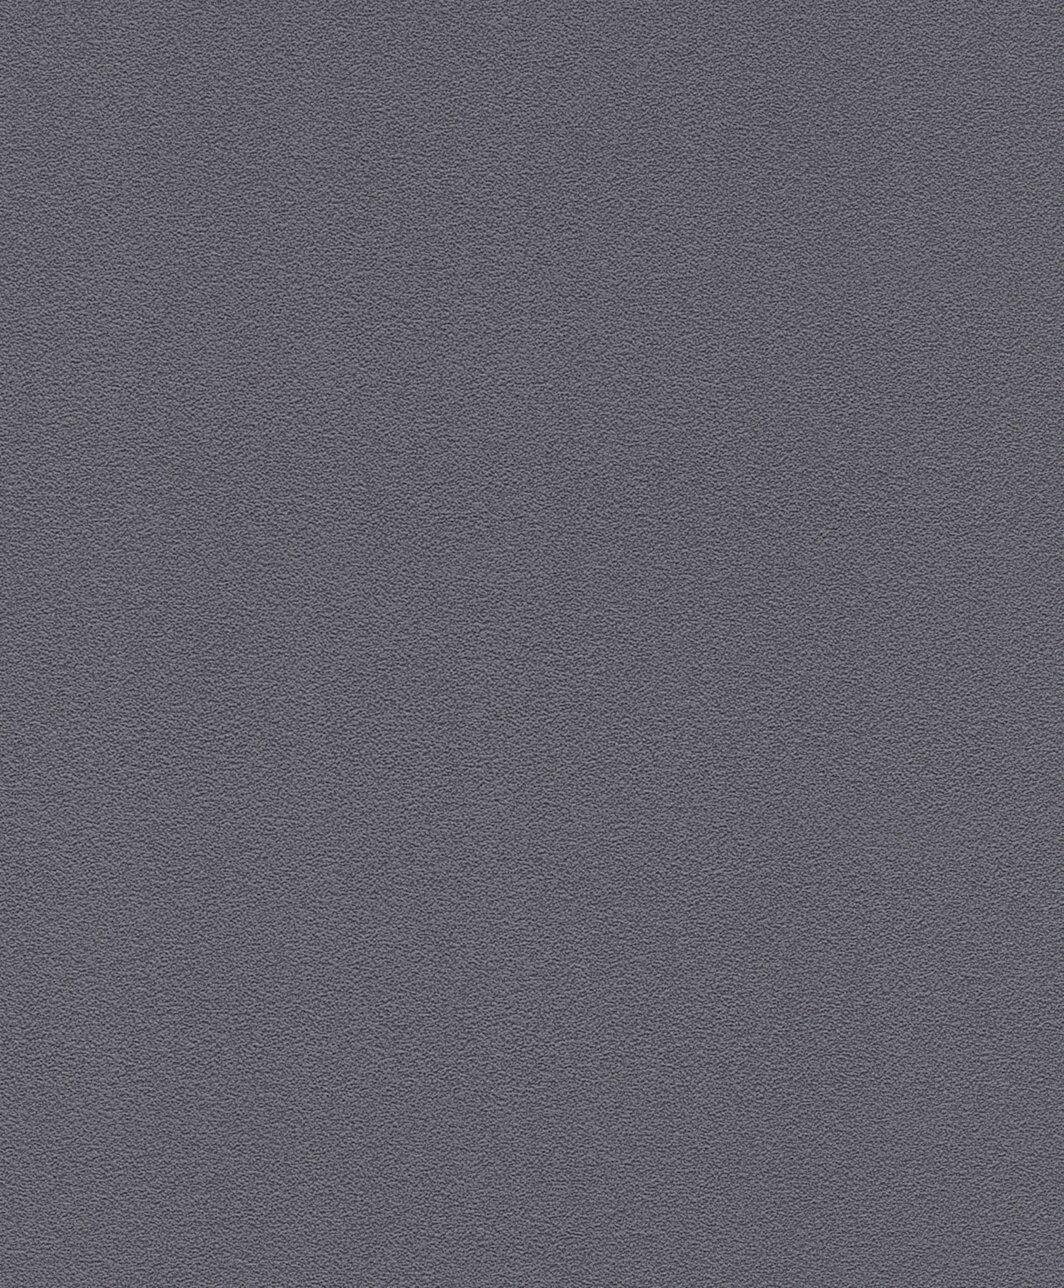 489569 Rasch Good Vibrations Plain Textured Dark Grey Wallpaper